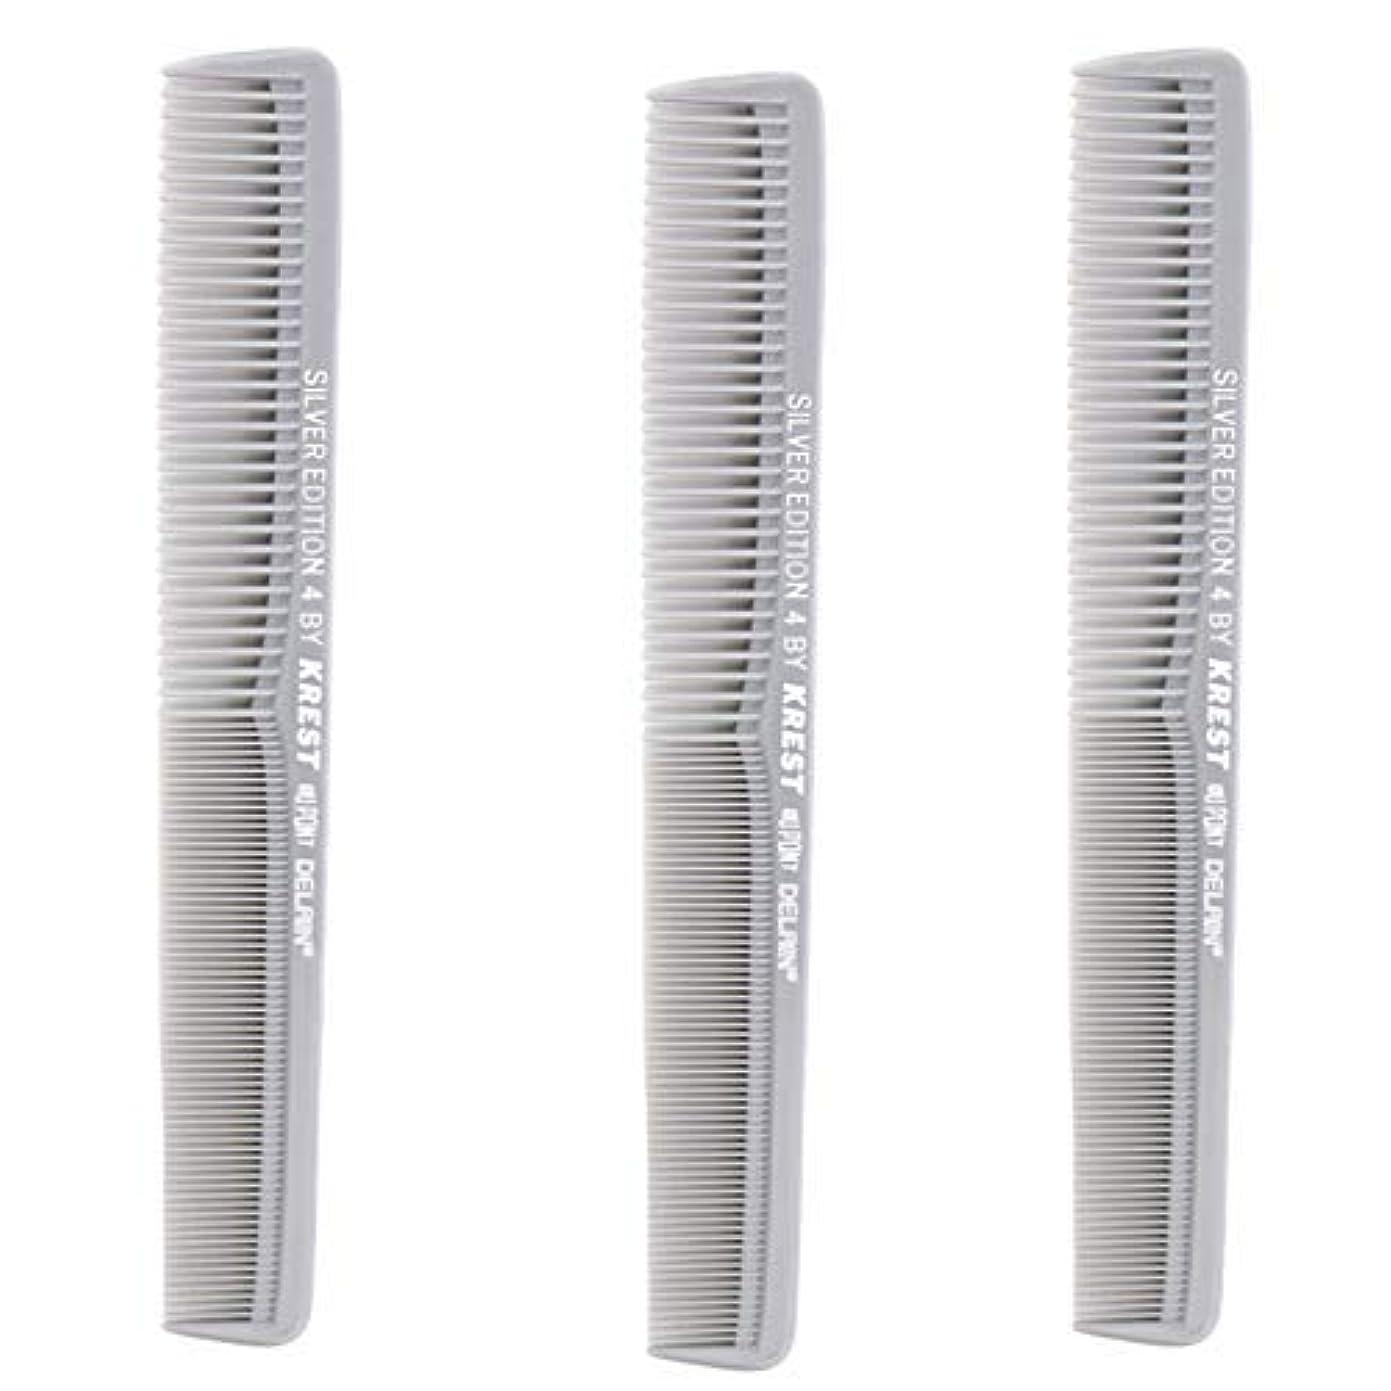 アイドル腹痛意気揚々Krest Comb 7 In. Silver Edition Heat Resistant All Purpose Hair Comb Model #4 [並行輸入品]